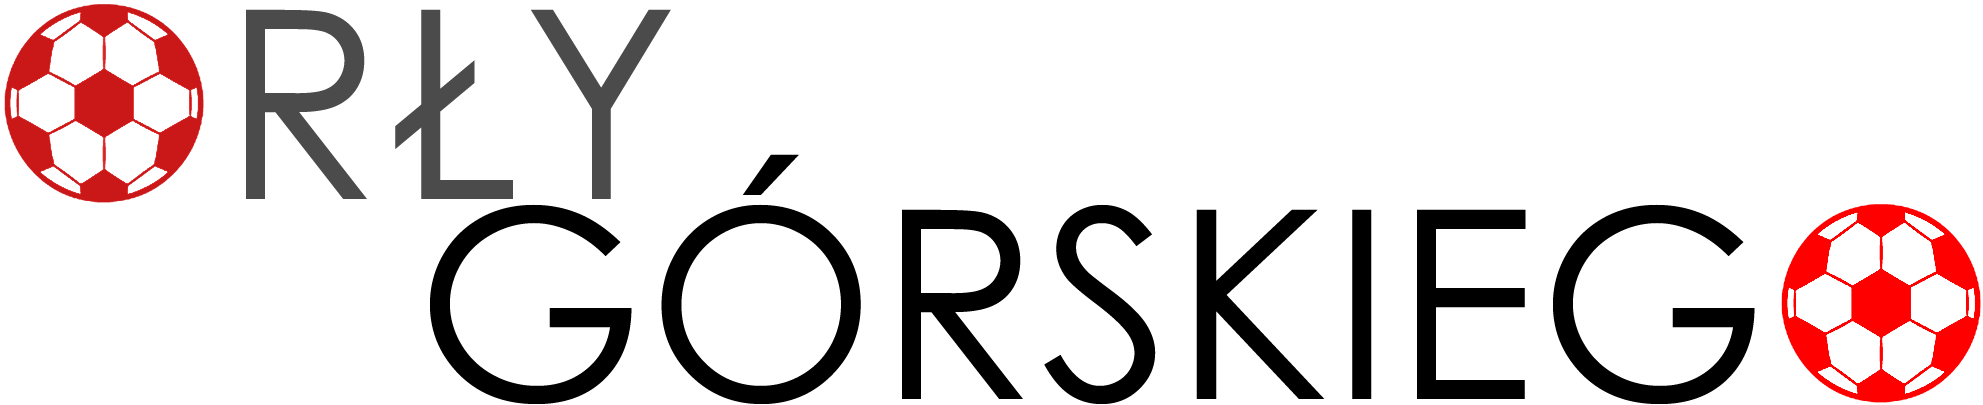 og-red